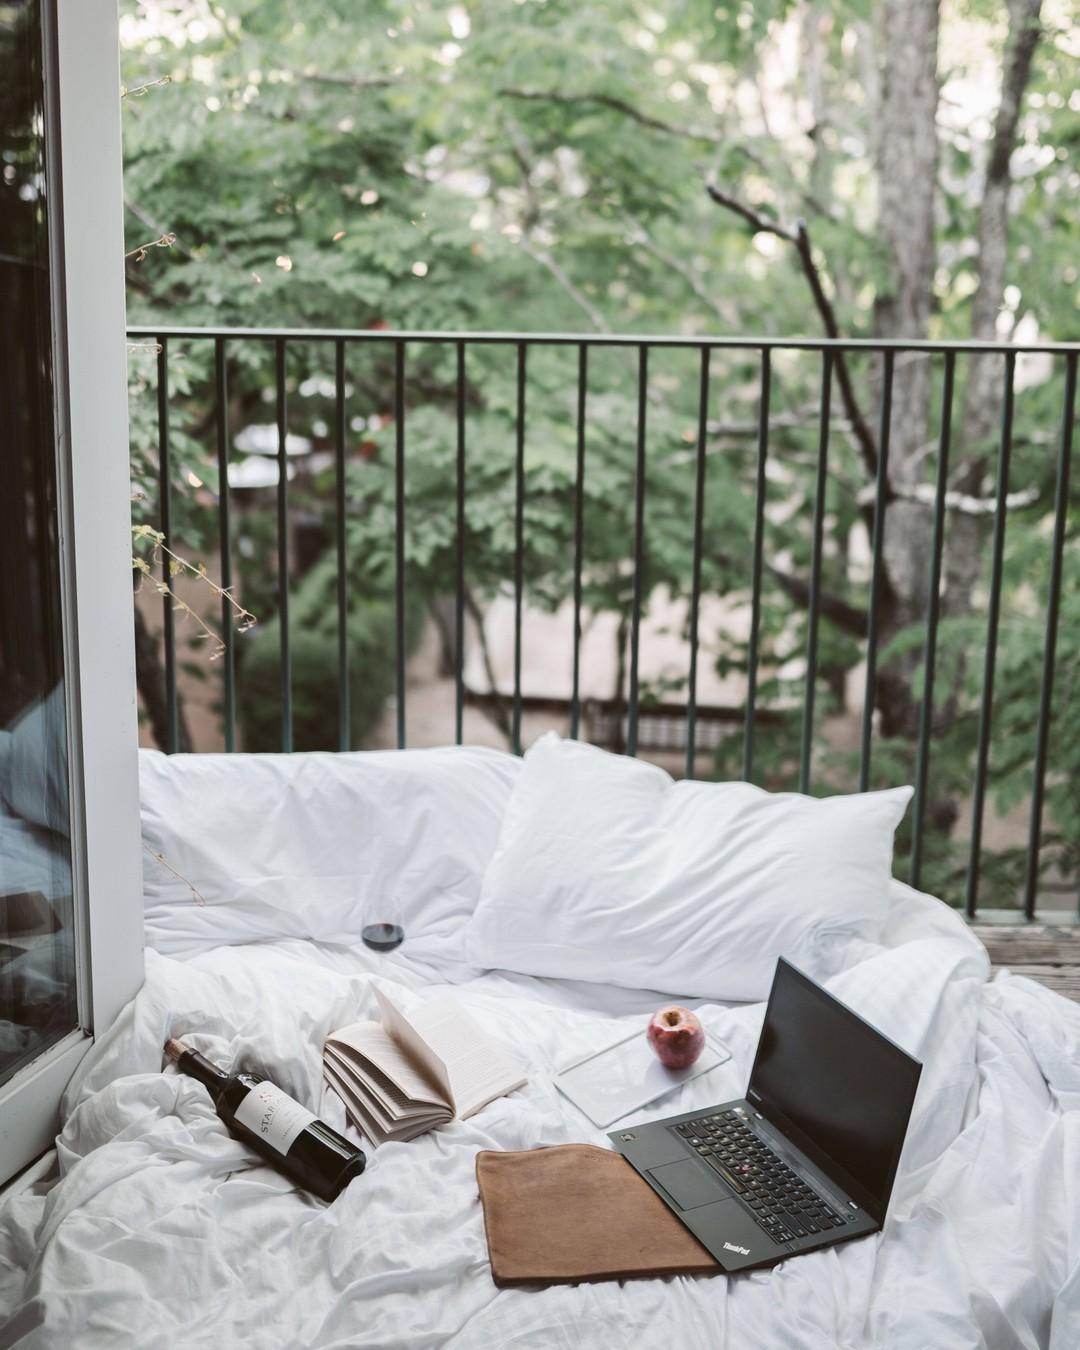 A może by tak dzisiaj wziąć home office? #homeoffice #balcony #workingfromhome #staycation